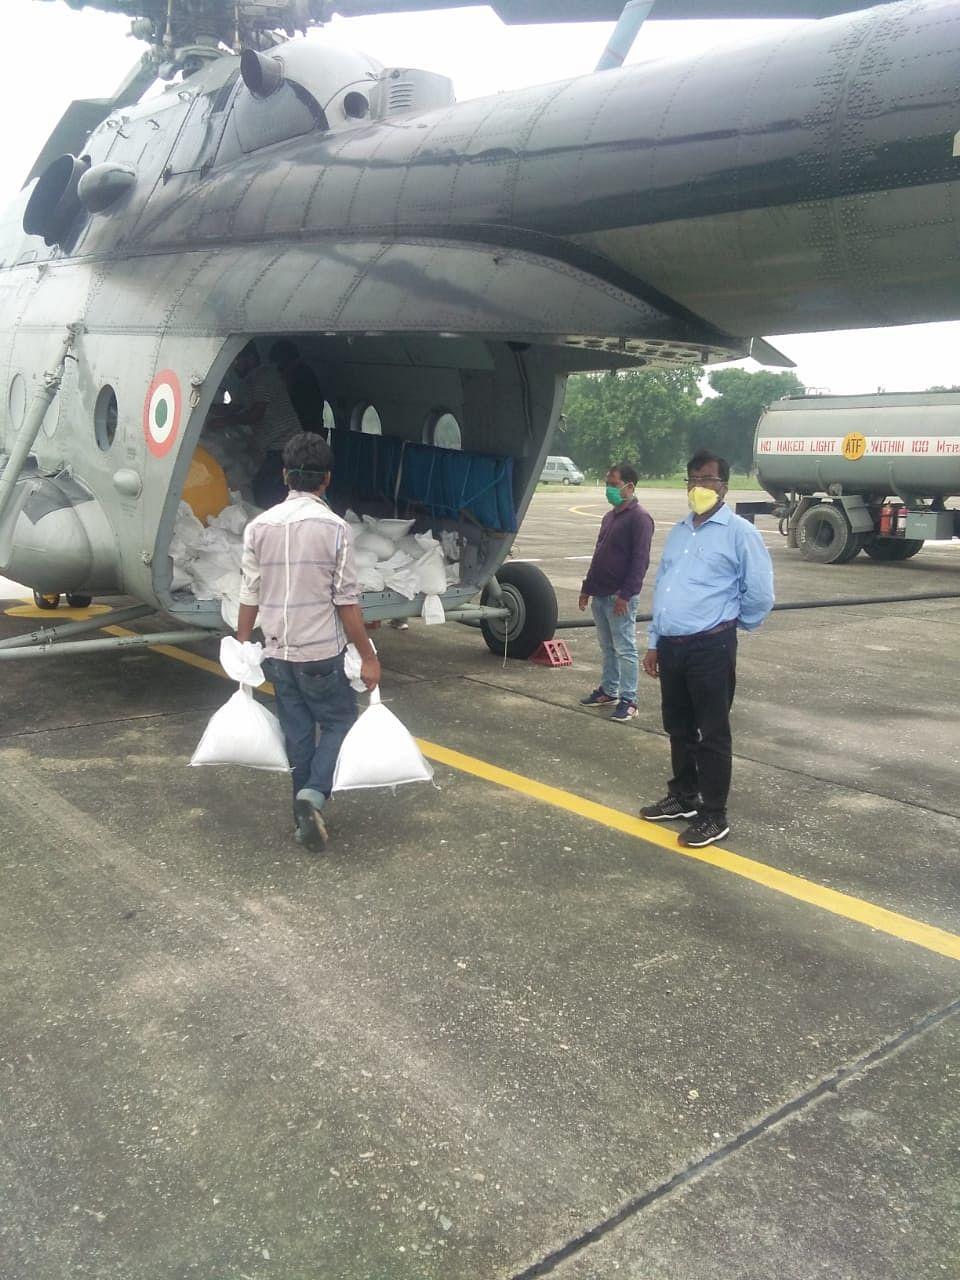 दरभंगा में  बाढ़ प्रभावितों की मदद के  लिए हेलीकॉप्टर से गिराये गये  राशन पैकेट